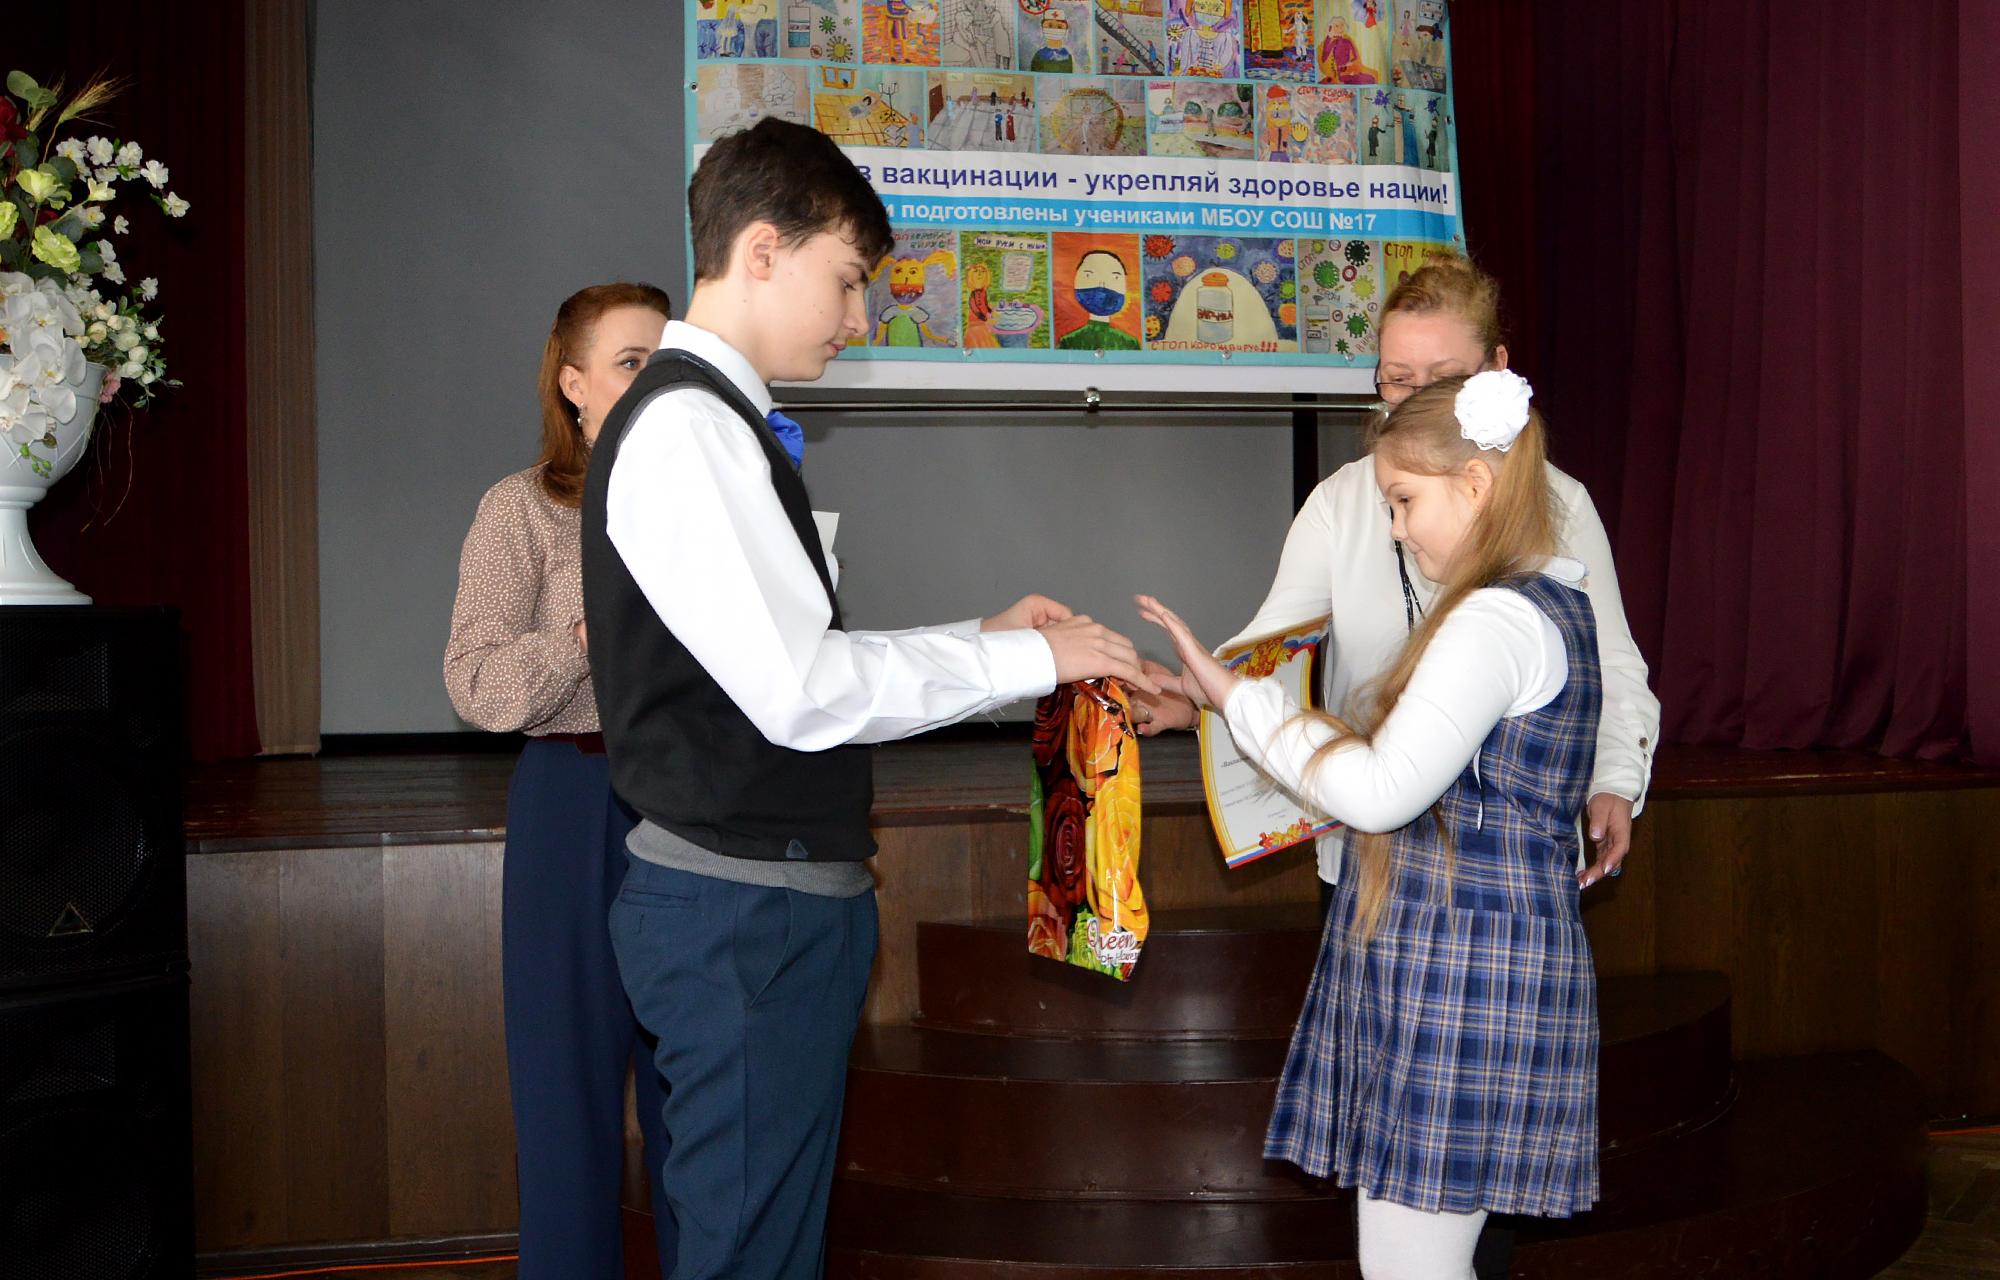 Школьники из Твери придумали слоганы о вакцинации